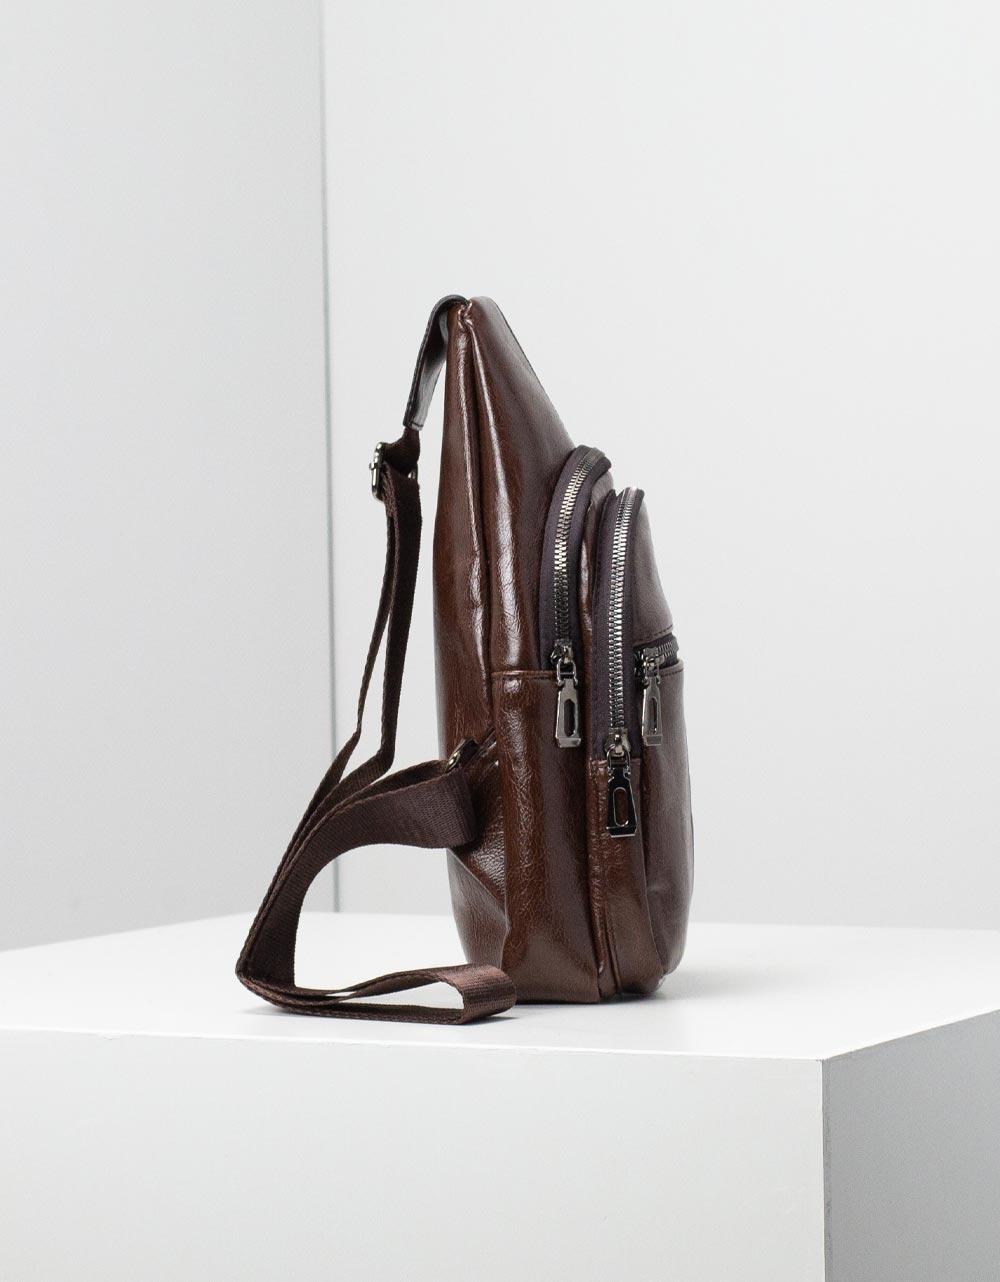 Εικόνα από Ανδρικές τσάντες ώμου με εξωτερικά φερμουάρ Καφέ